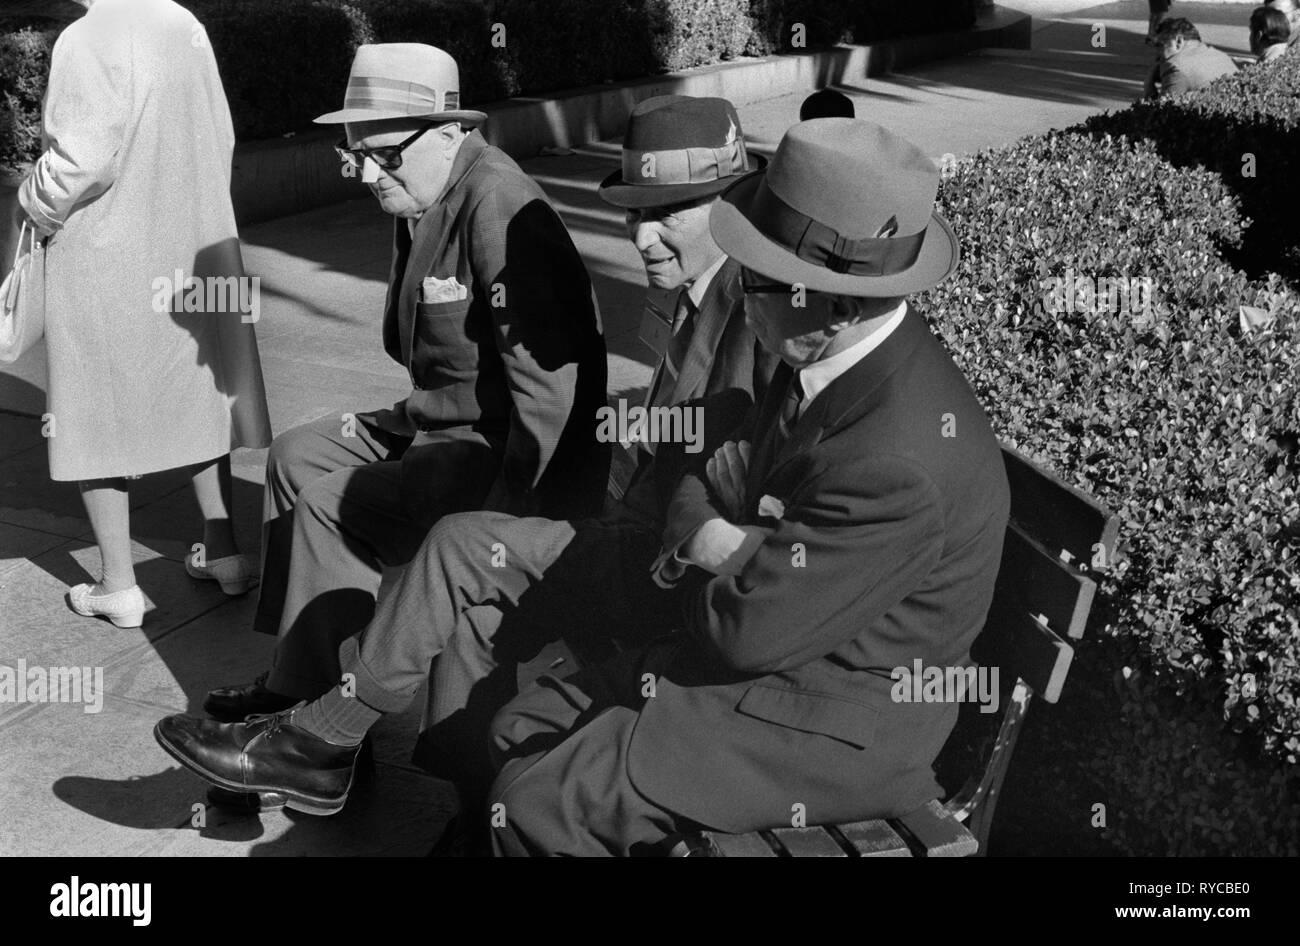 San Francisco Kalifornien USA 1960s 1969. Mann mit Nasenschutz schützt vor der Sonne. 60 s UNS HOMER SYKES Stockfoto